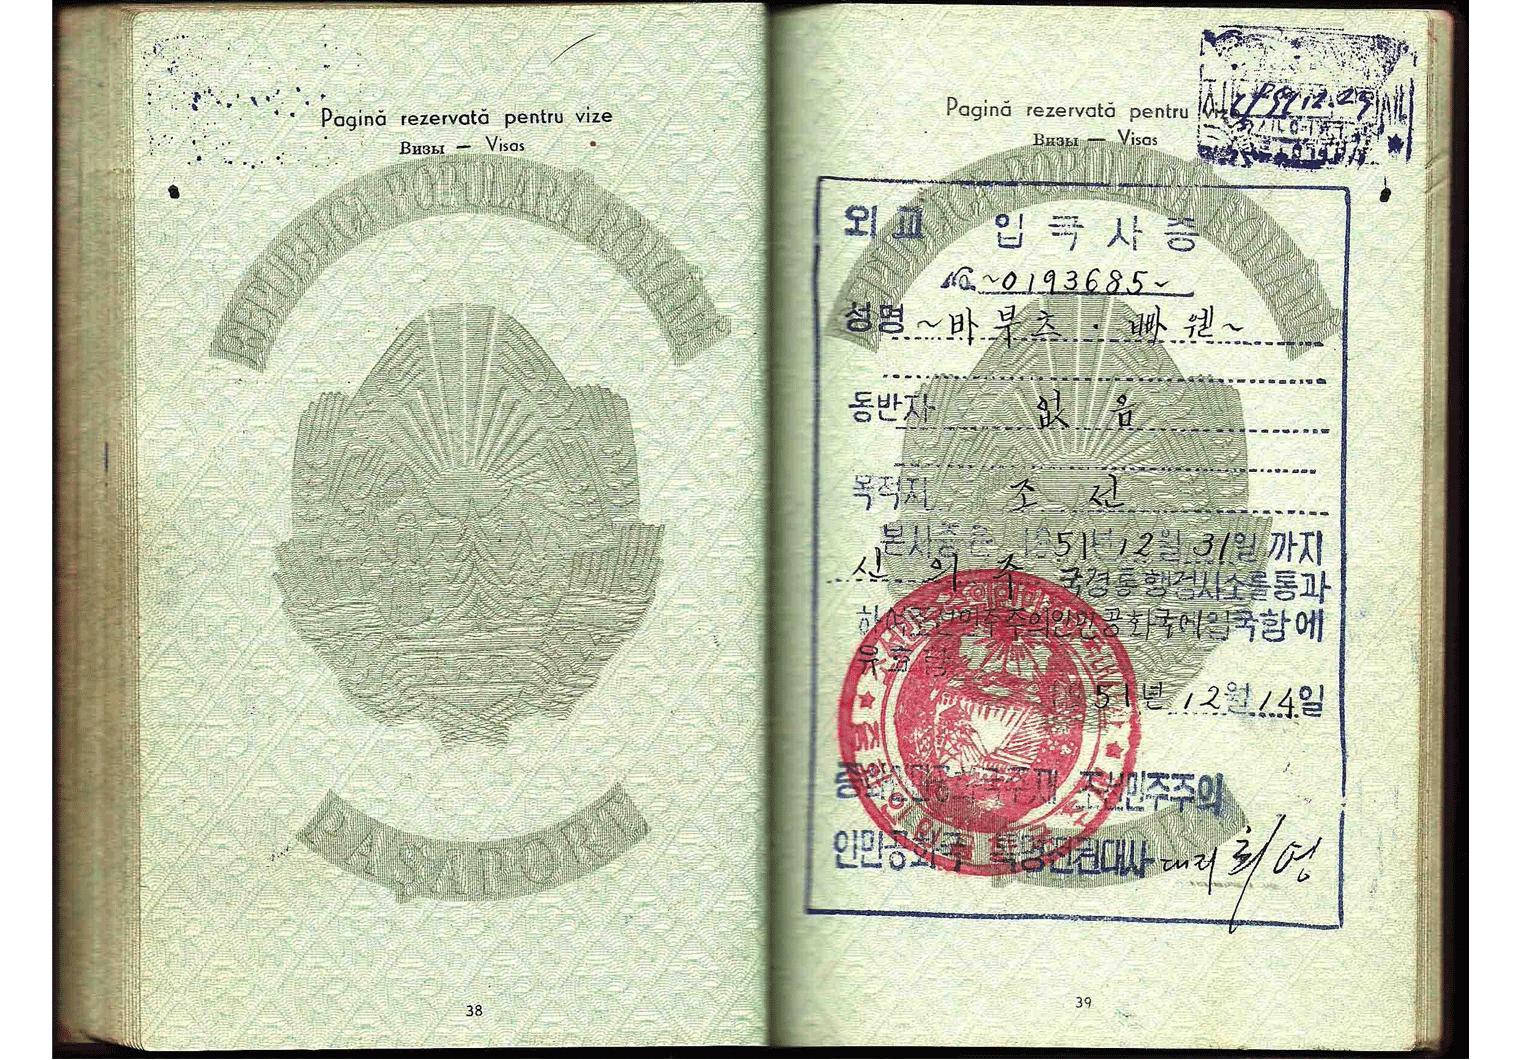 1951 North Korean diplomatic visa from Pyongyang